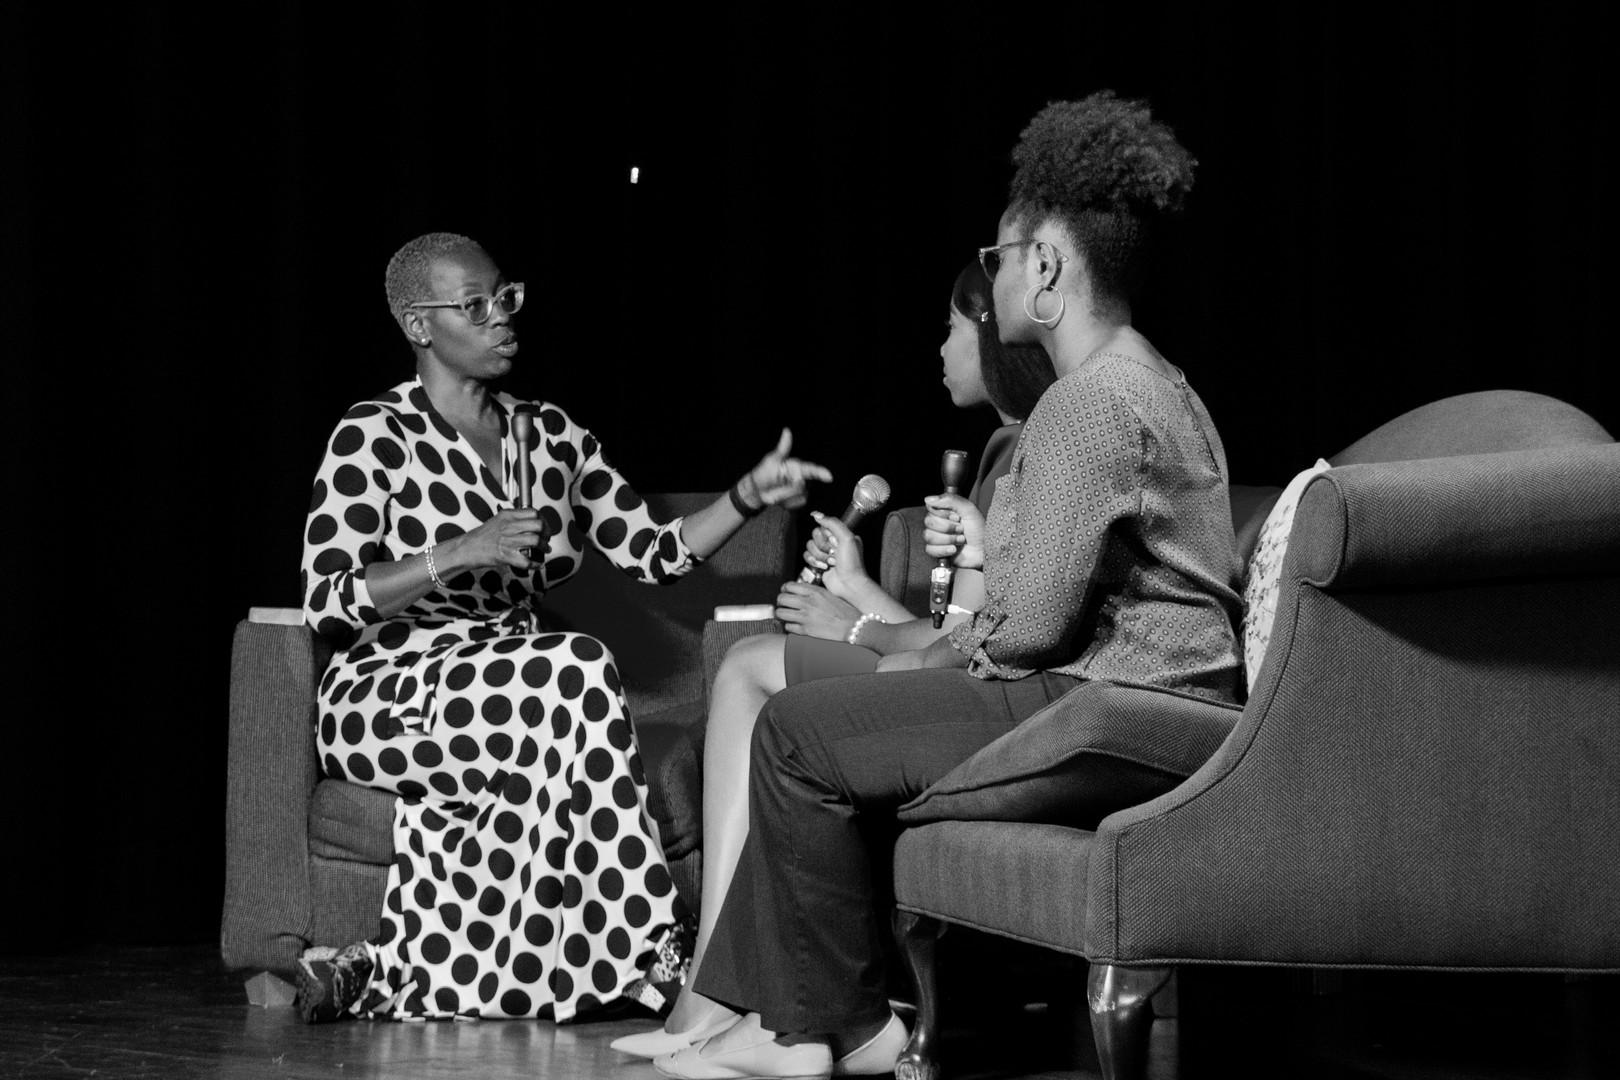 Bennett Belles Zamora Bonner and Katiya Laster interviews Nina Turner before the Bernie Sanders event.